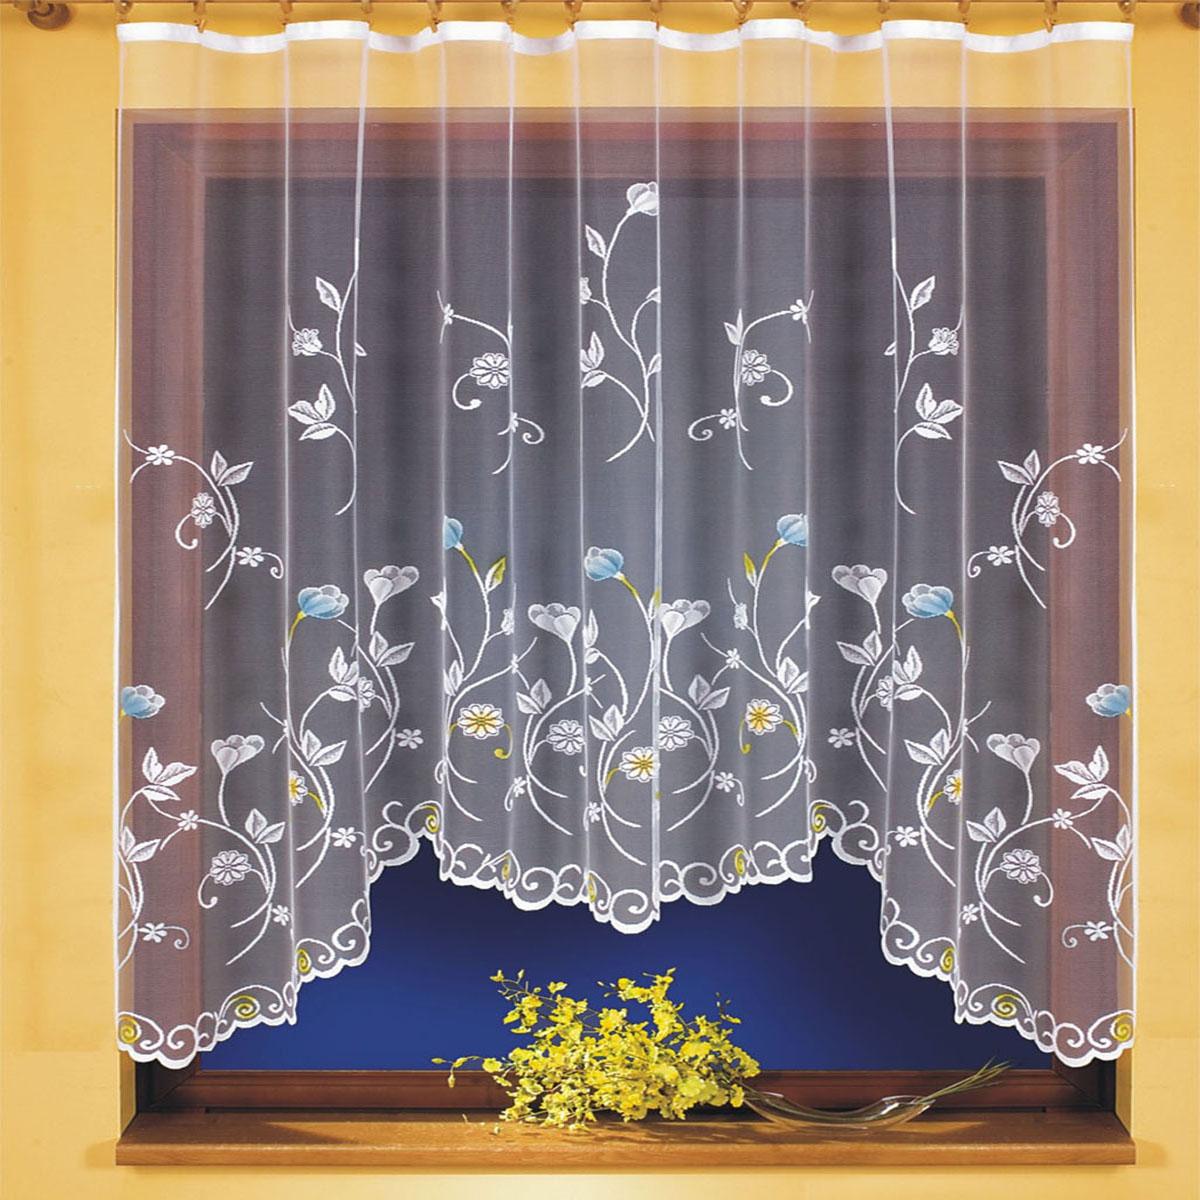 Штора для кухни Wisan, цвет: белый, высота 160 см. 96989698Штора Wisan, выполненная из легкого полупрозрачного полиэстера белого цвета, станет великолепным украшением кухонного окна. Изделие имеет ассиметричную длину и красивый цветочный орнамент по всей поверхности полотна. Качественный материал и оригинальный дизайн привлекут к себе внимание и позволят шторе органично вписаться в интерьер помещения.